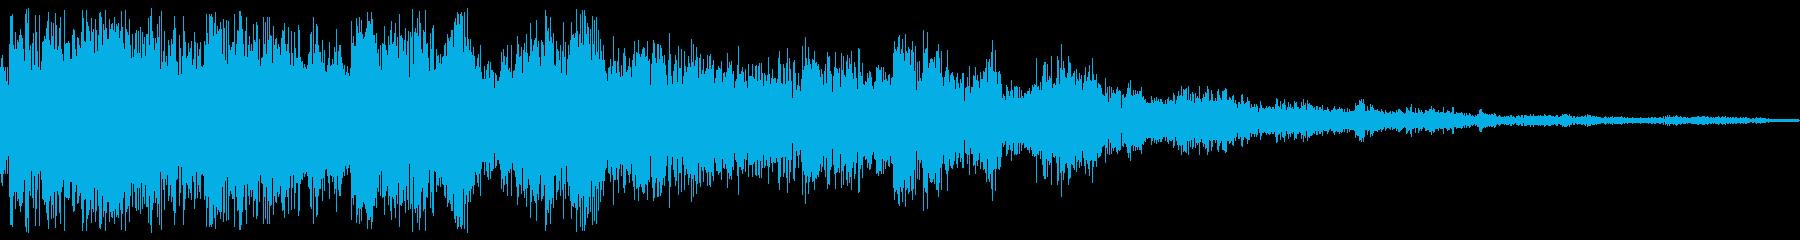 コイン(ジャラジャラ/ザクザク/ザザーの再生済みの波形